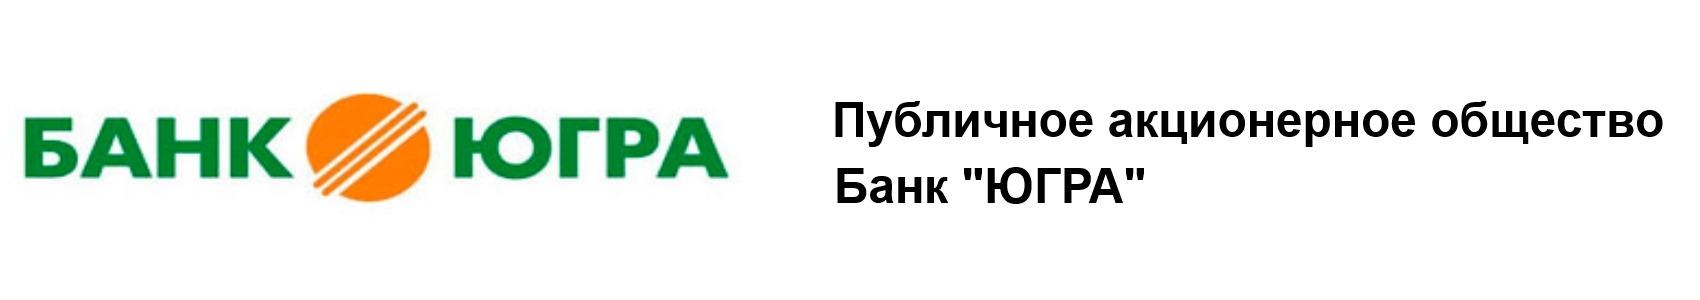 Банк ЮГРА - ипотека